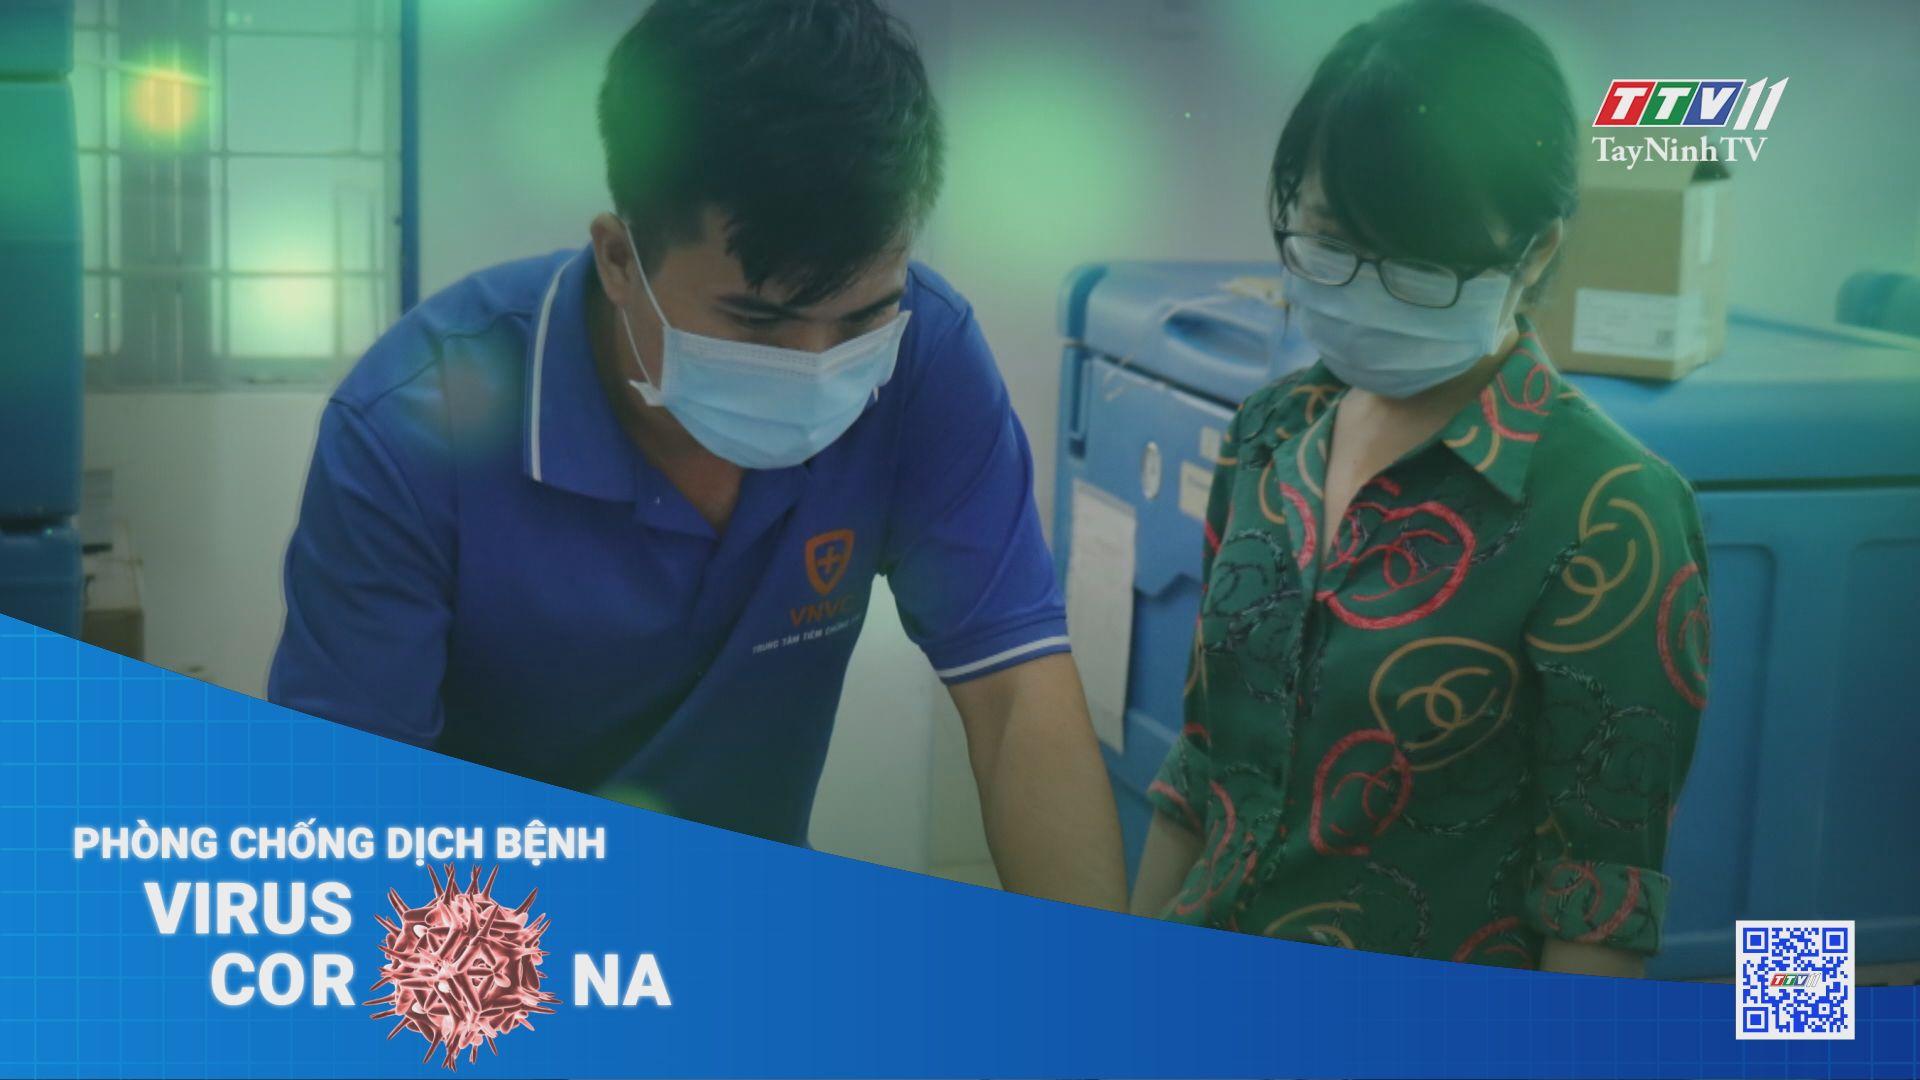 Đảm bảo các điều kiện an toàn tiêm chủng vaccine dự phòng Covid-19 | THÔNG TIN DỊCH CÚM COVID-19 | TayNinhTV